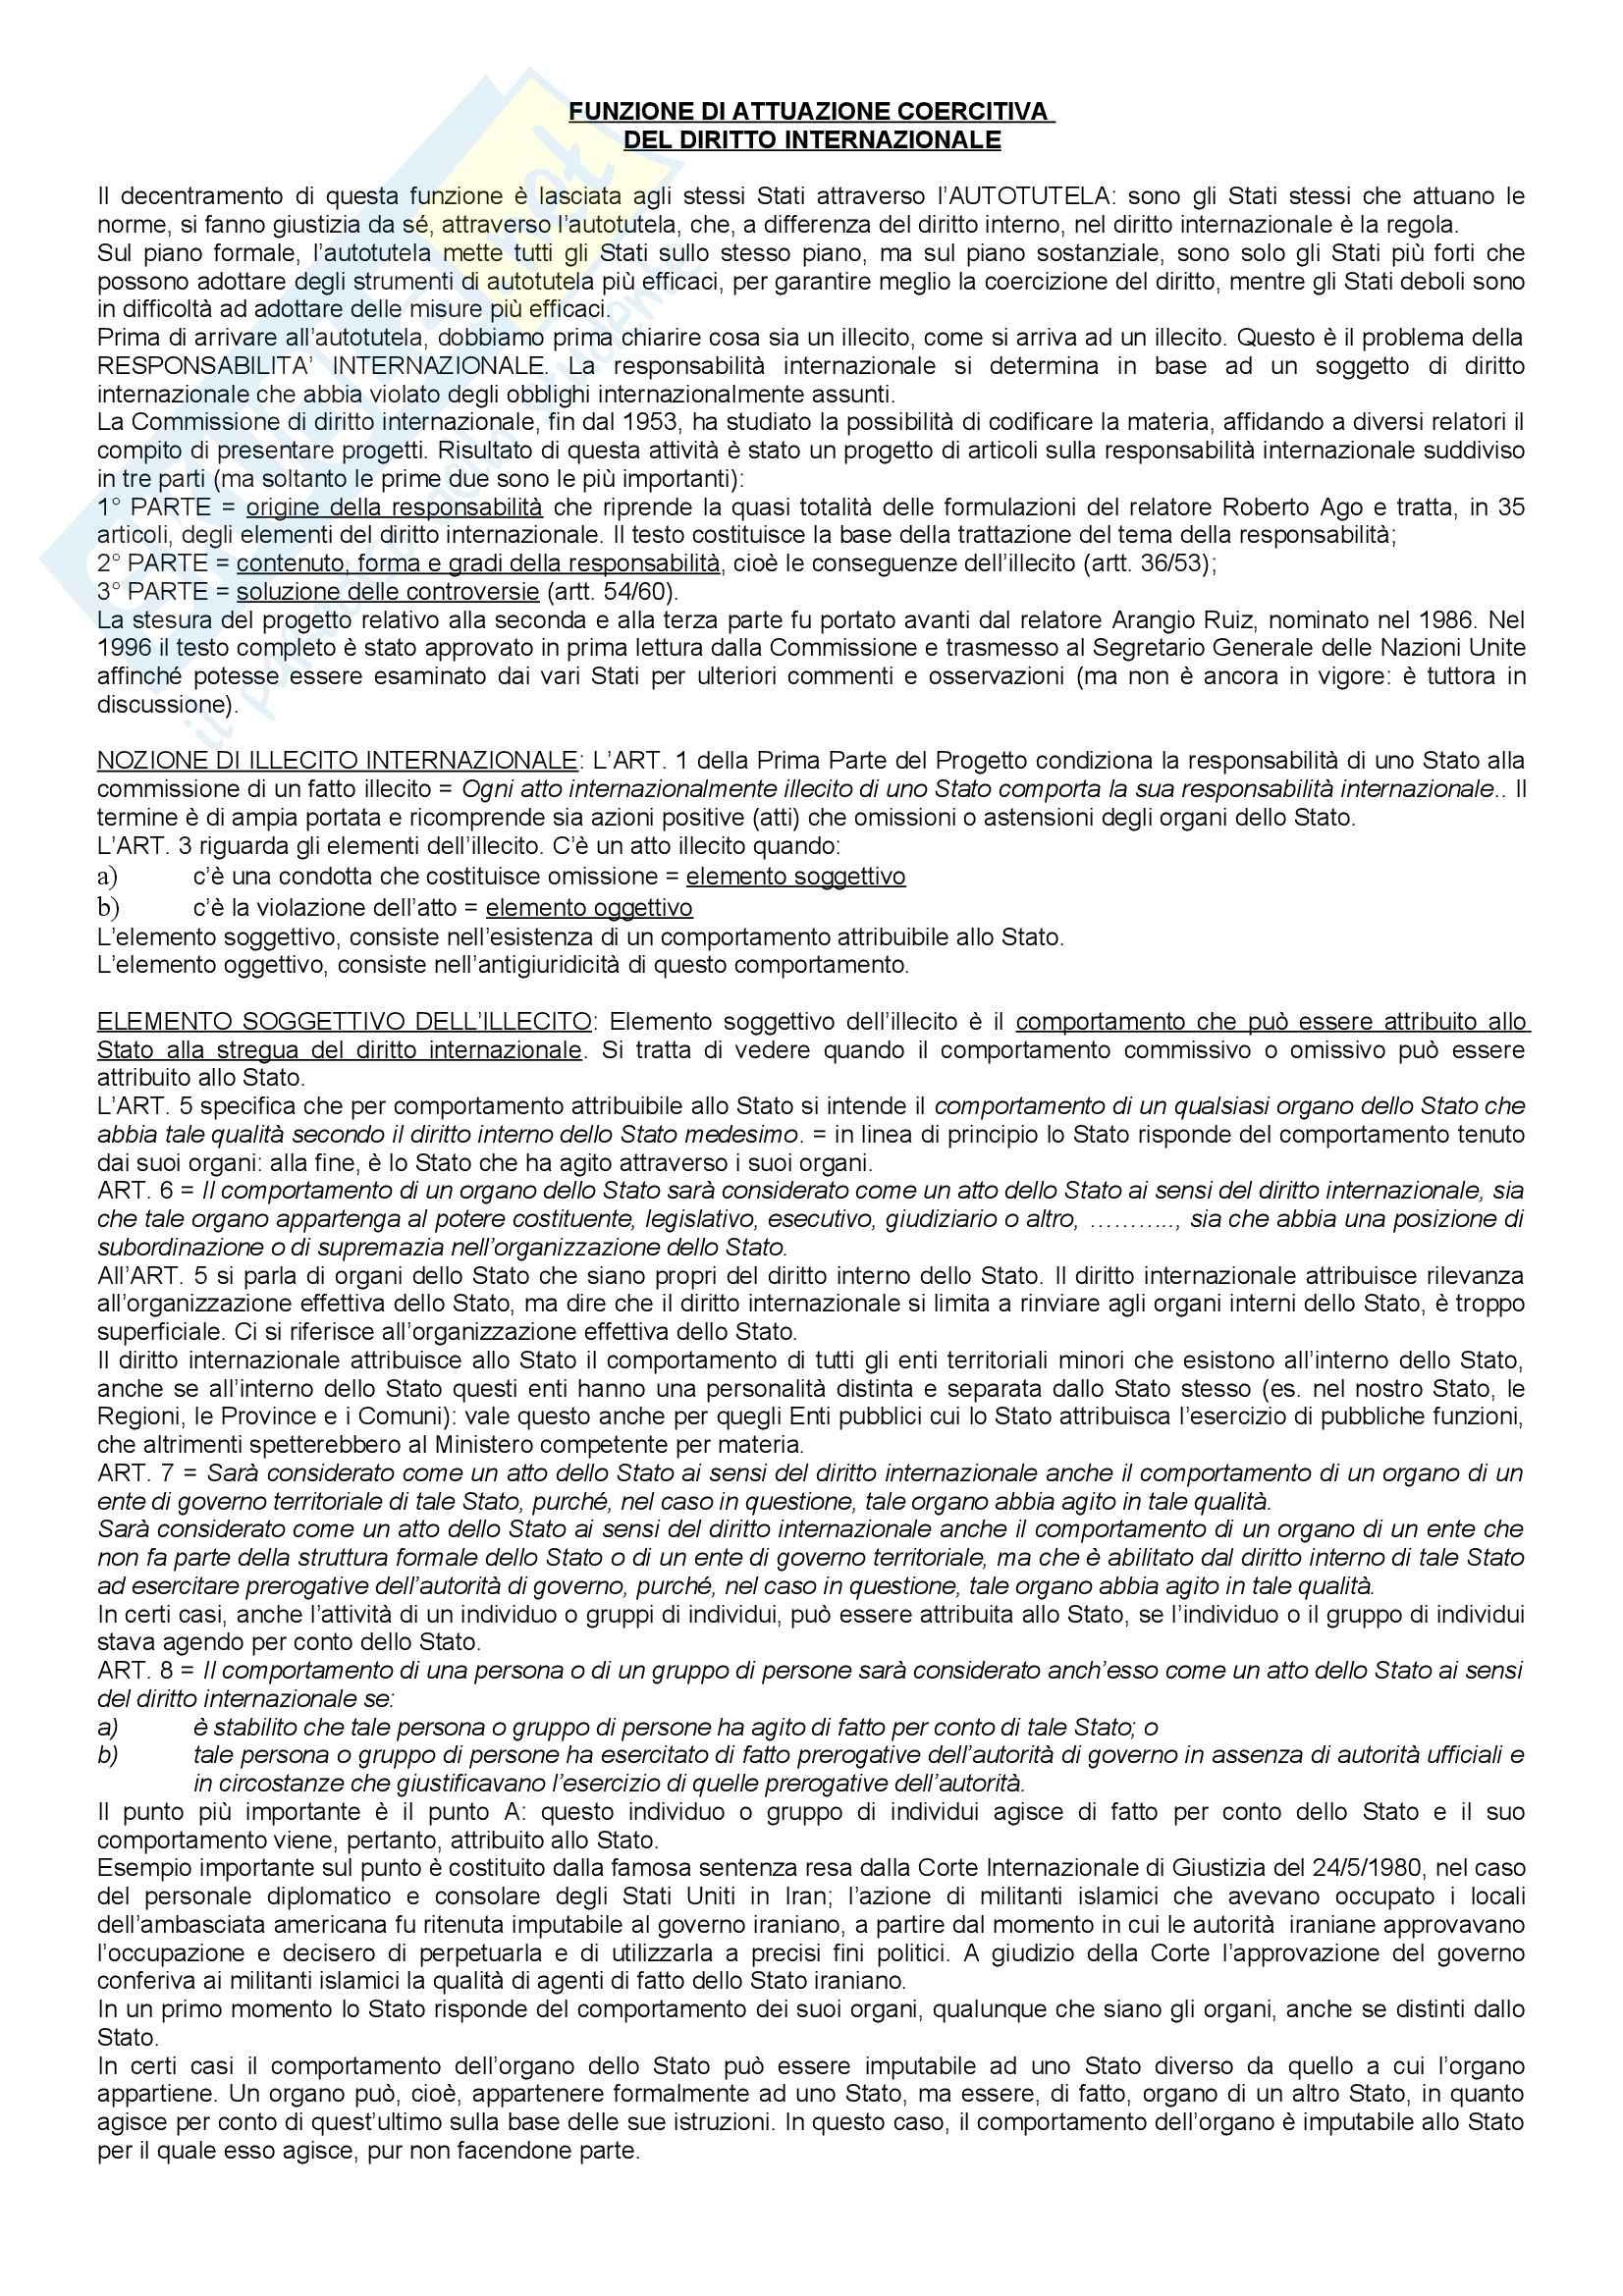 Diritto internazionale - funzione di attuazione coercitiva